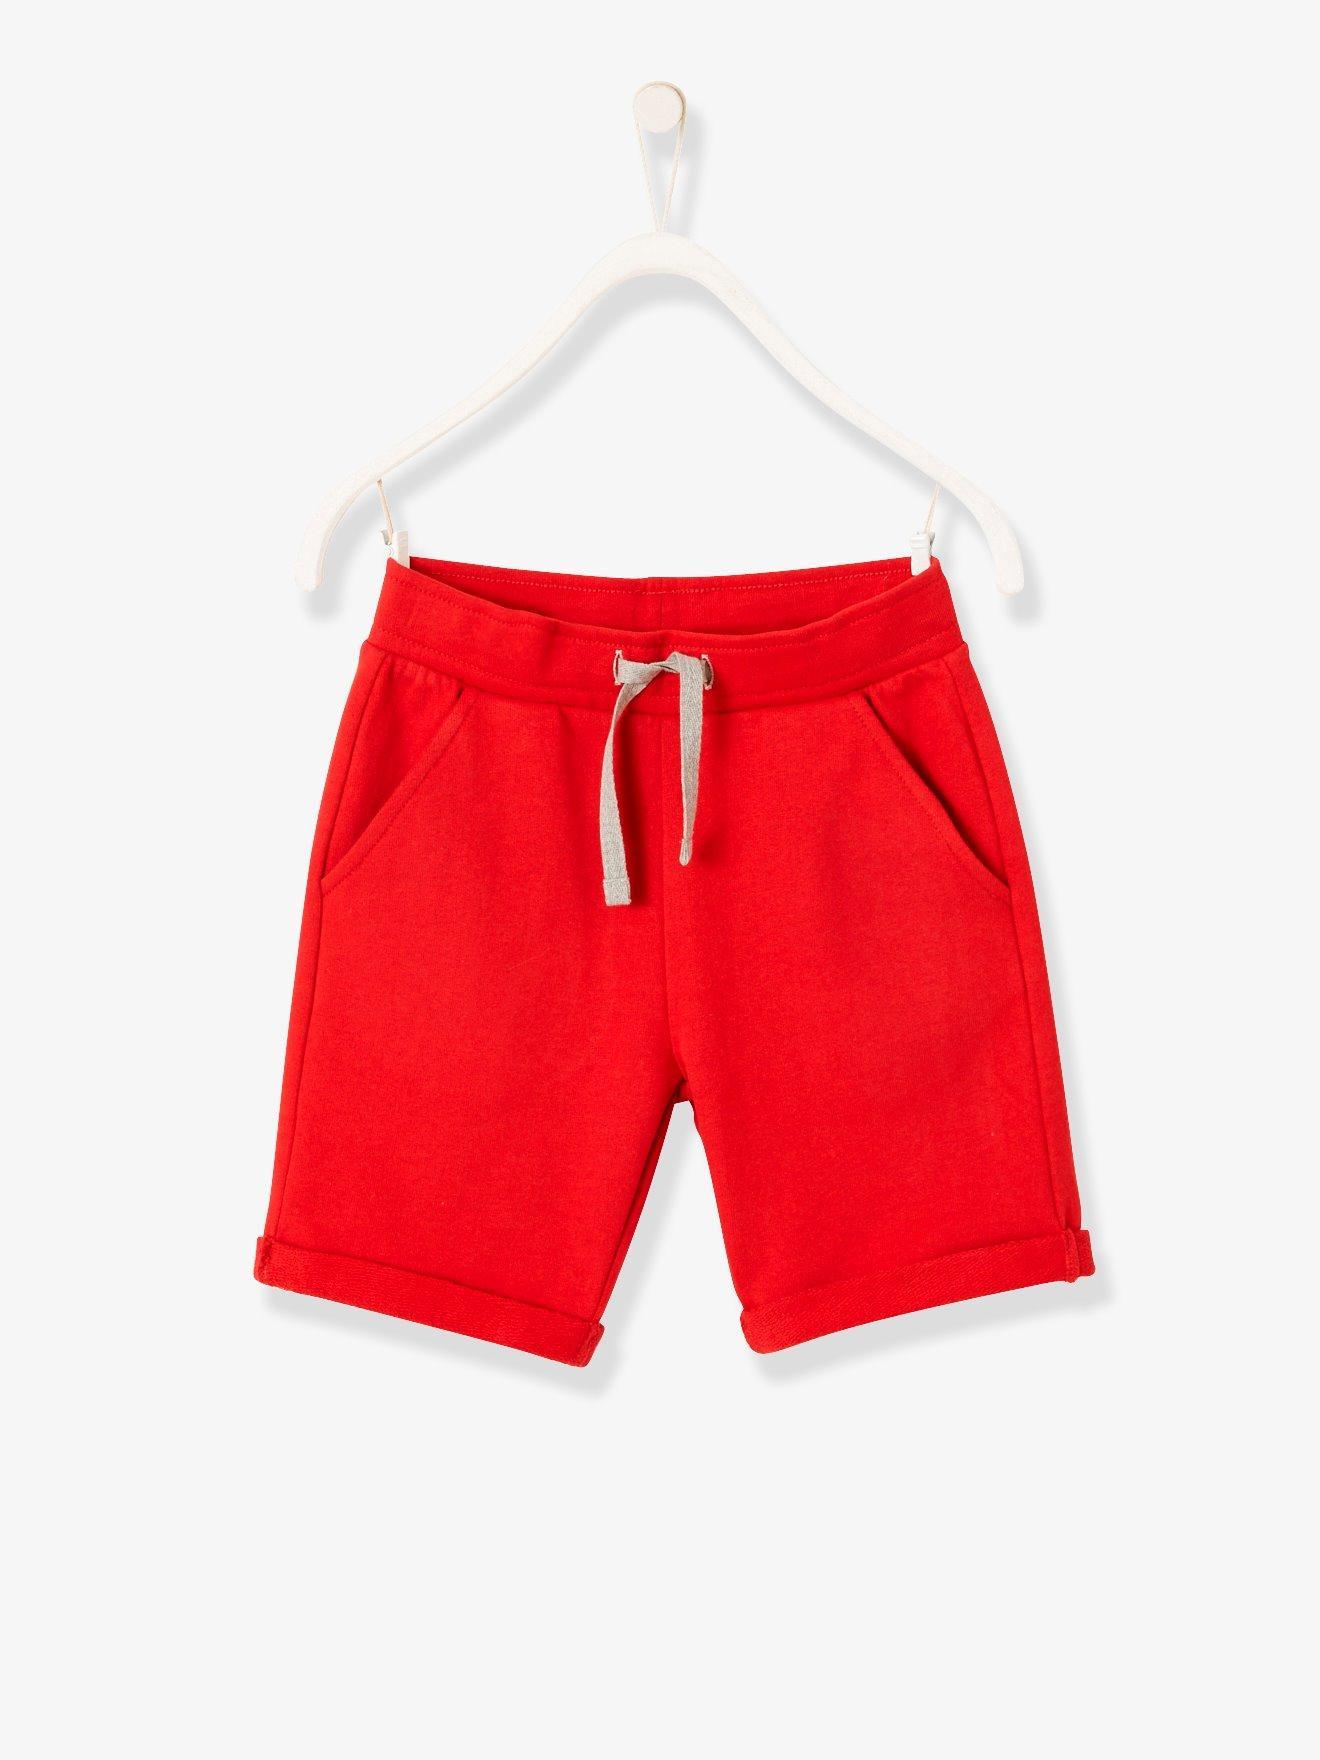 6b664da2c Bermudas niño de felpa rojo oscuro liso. Vertbaudet